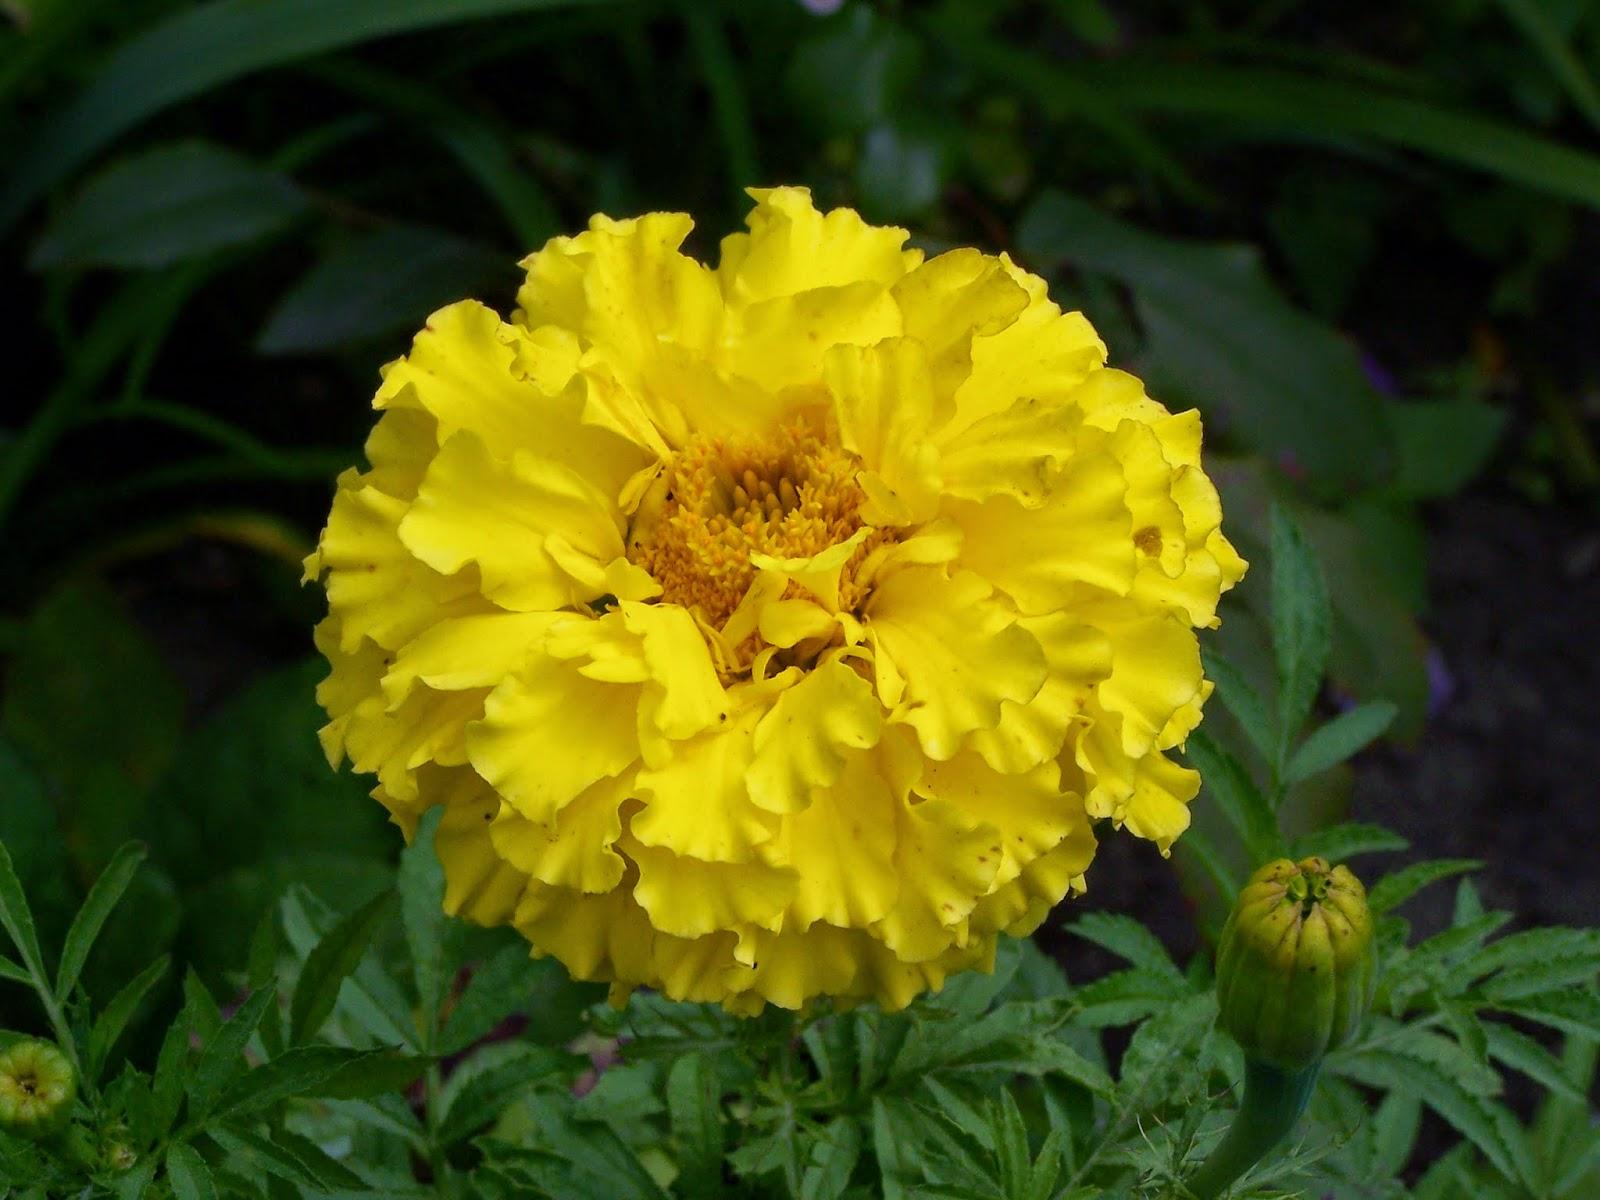 Khasiat dan Manfaat Bunga Kana Untuk Keputihan